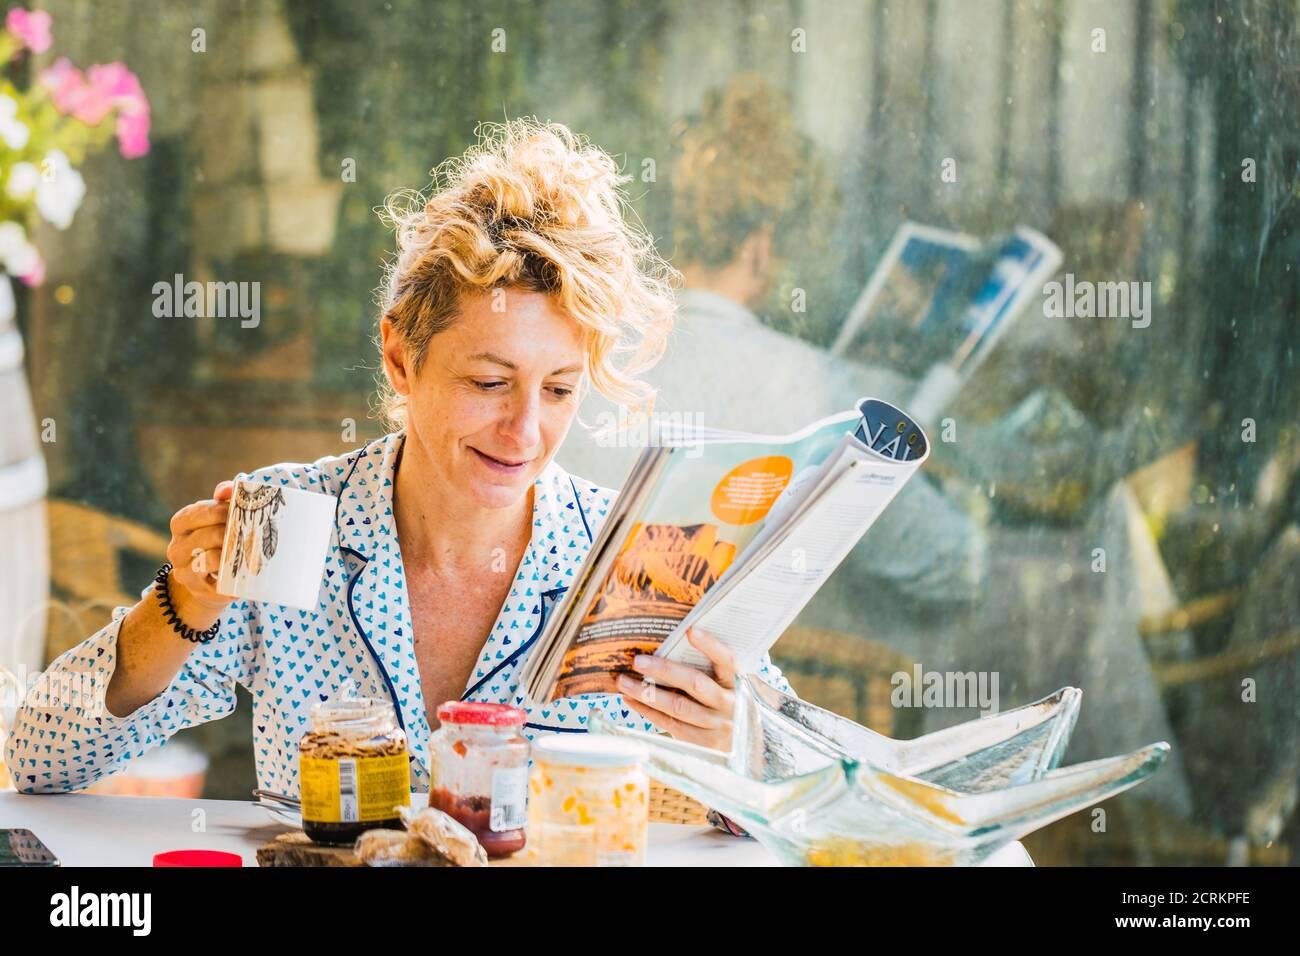 Rubia joven madura en pijamas en casa durante el desayuno, leyendo una revista y tomando una taza de café Foto de stock